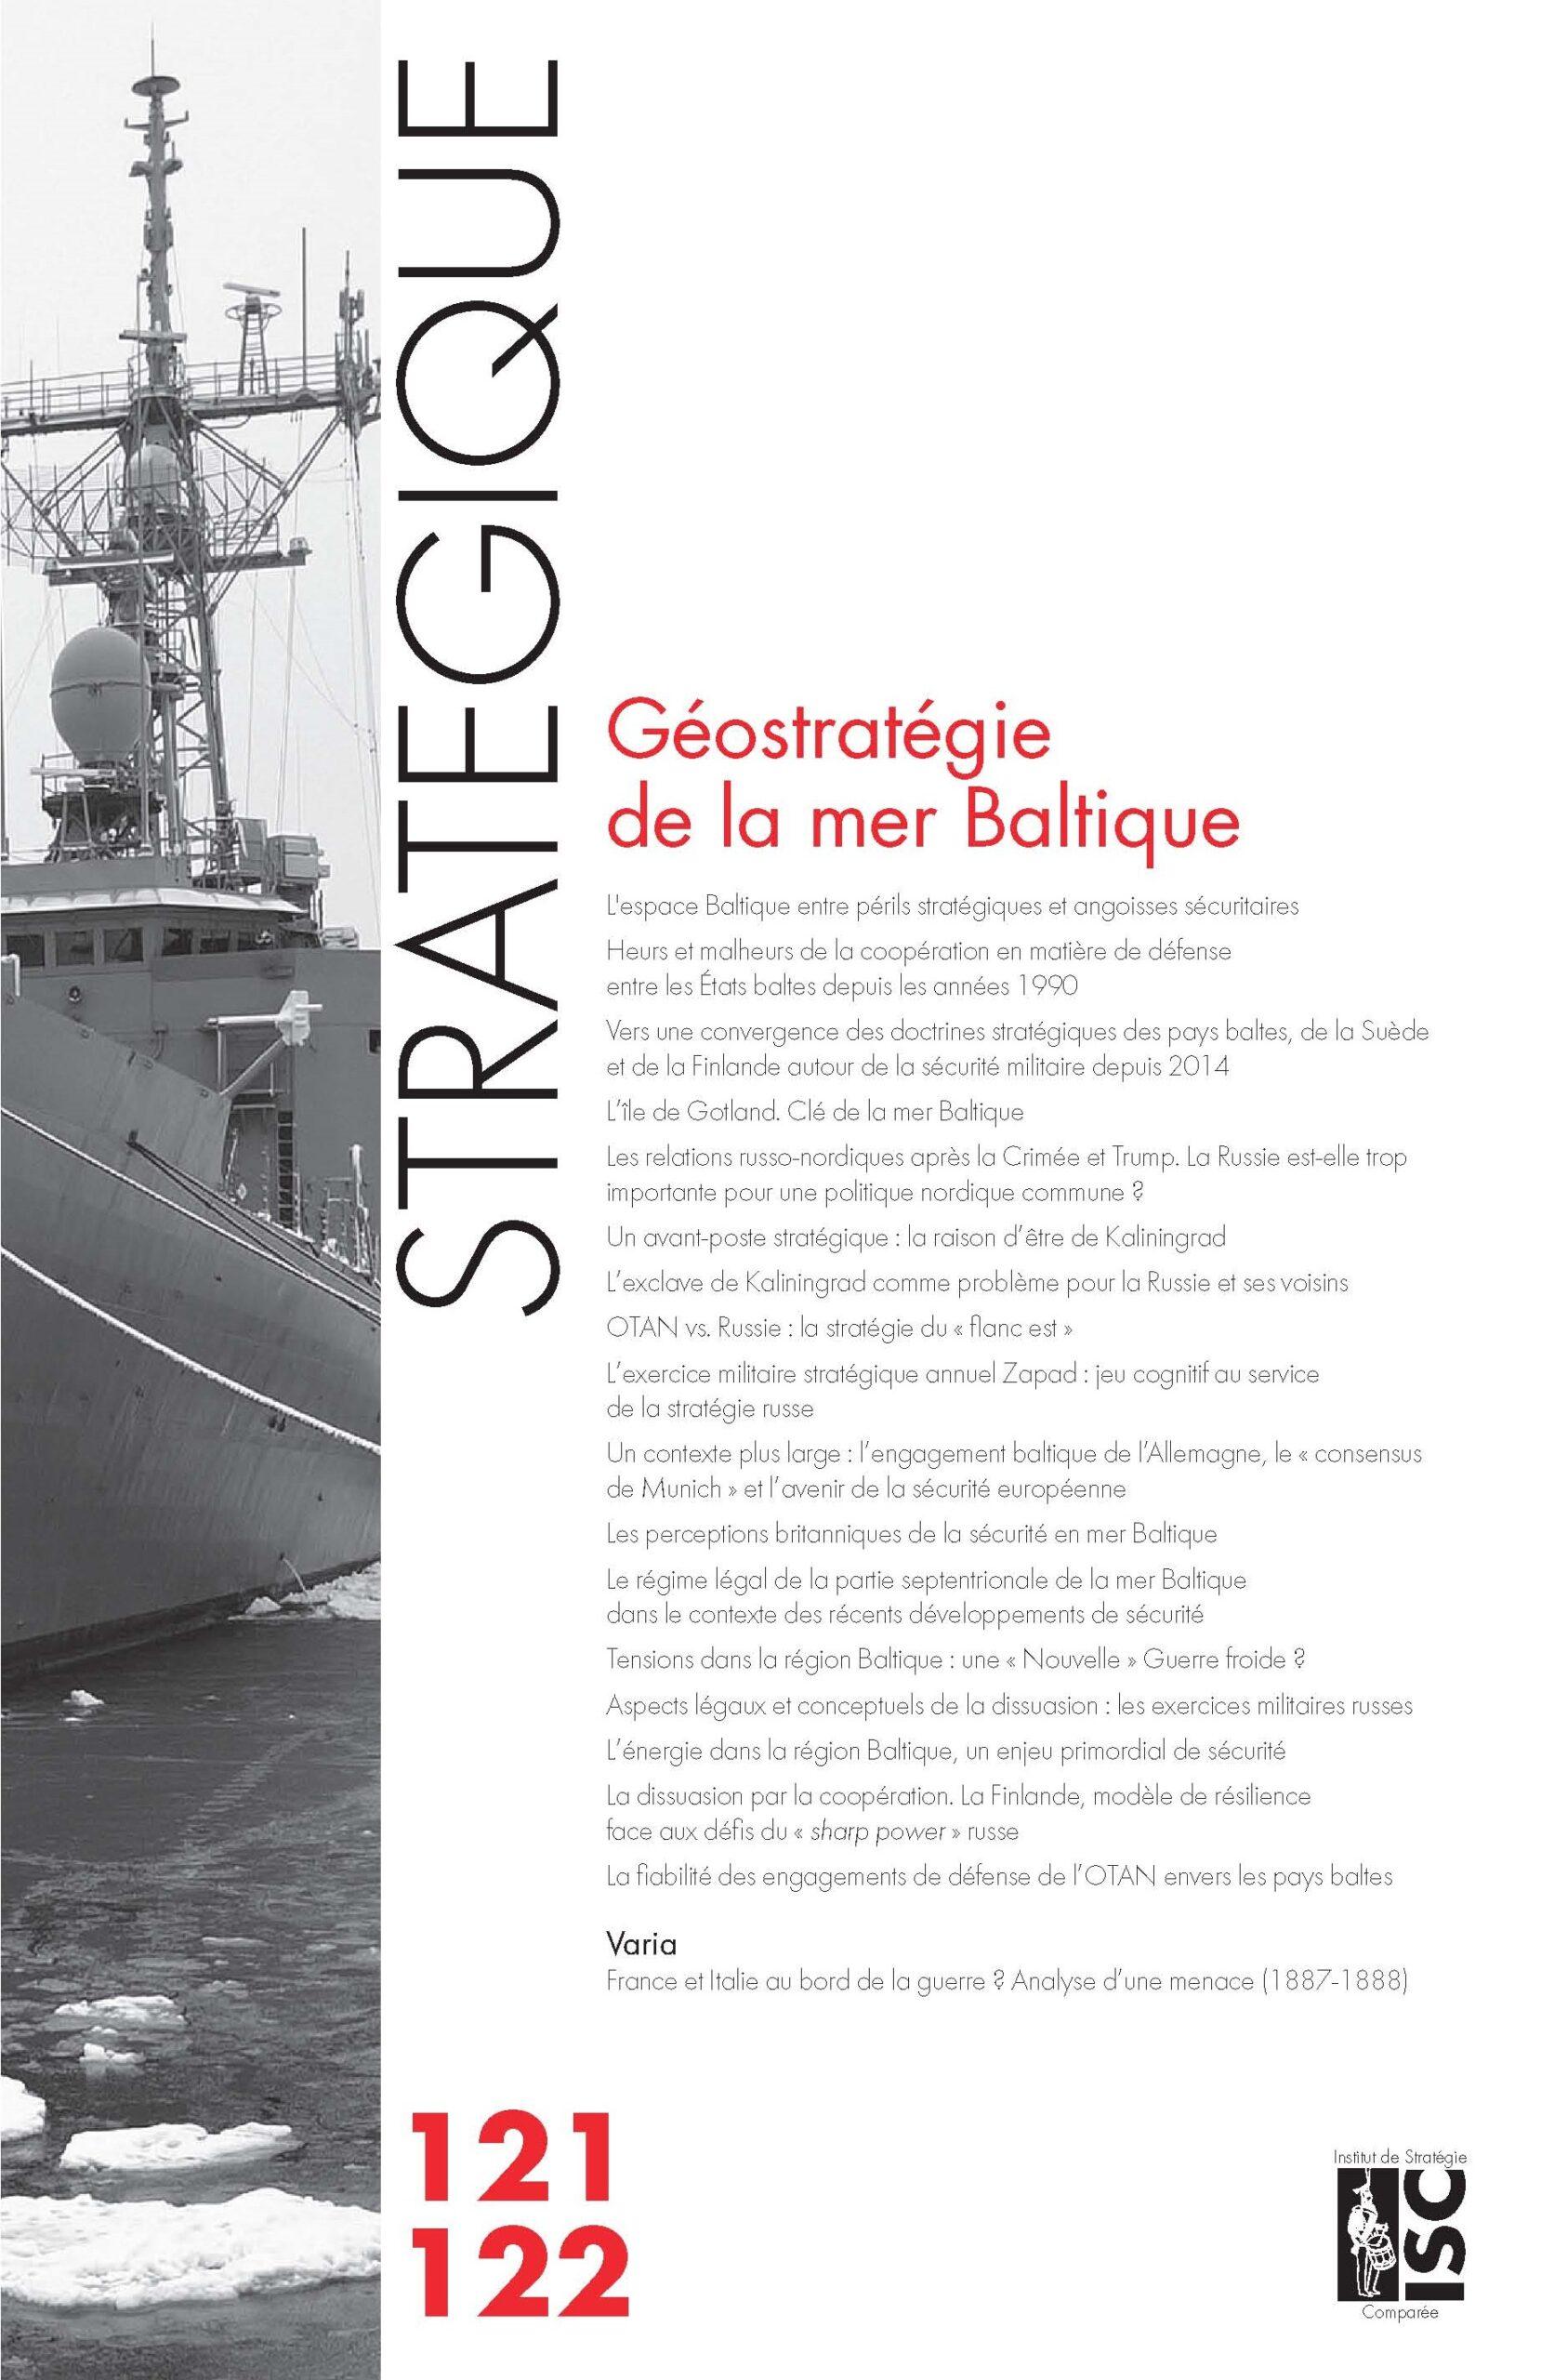 Živilė Kalibataitė-Heurs et malheurs de la coopération en matière de défense entre les États baltes depuis les années 1990